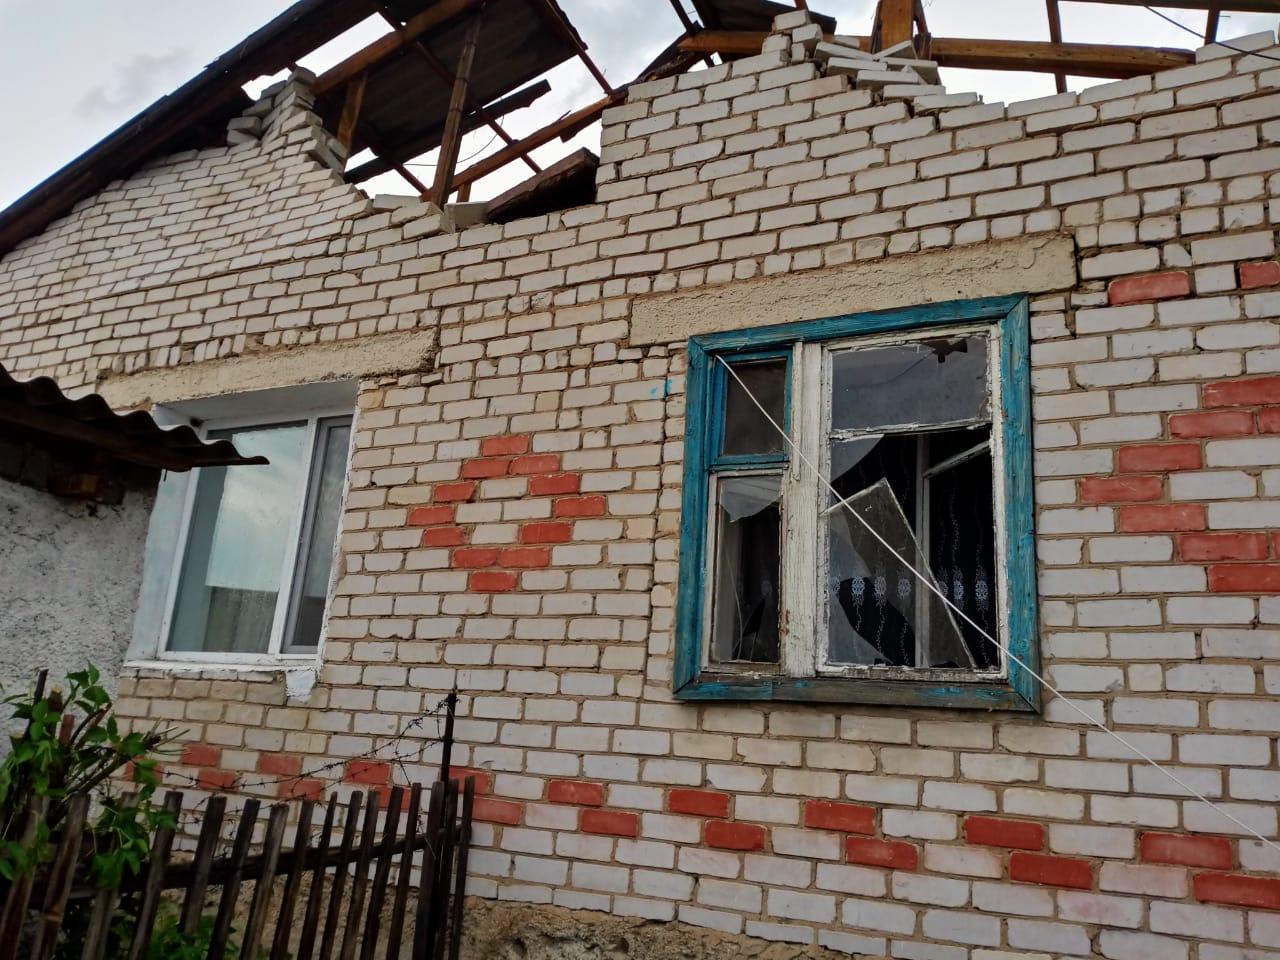 Ураган разнес дома в селе ВКО, жители остались один на один с проблемой